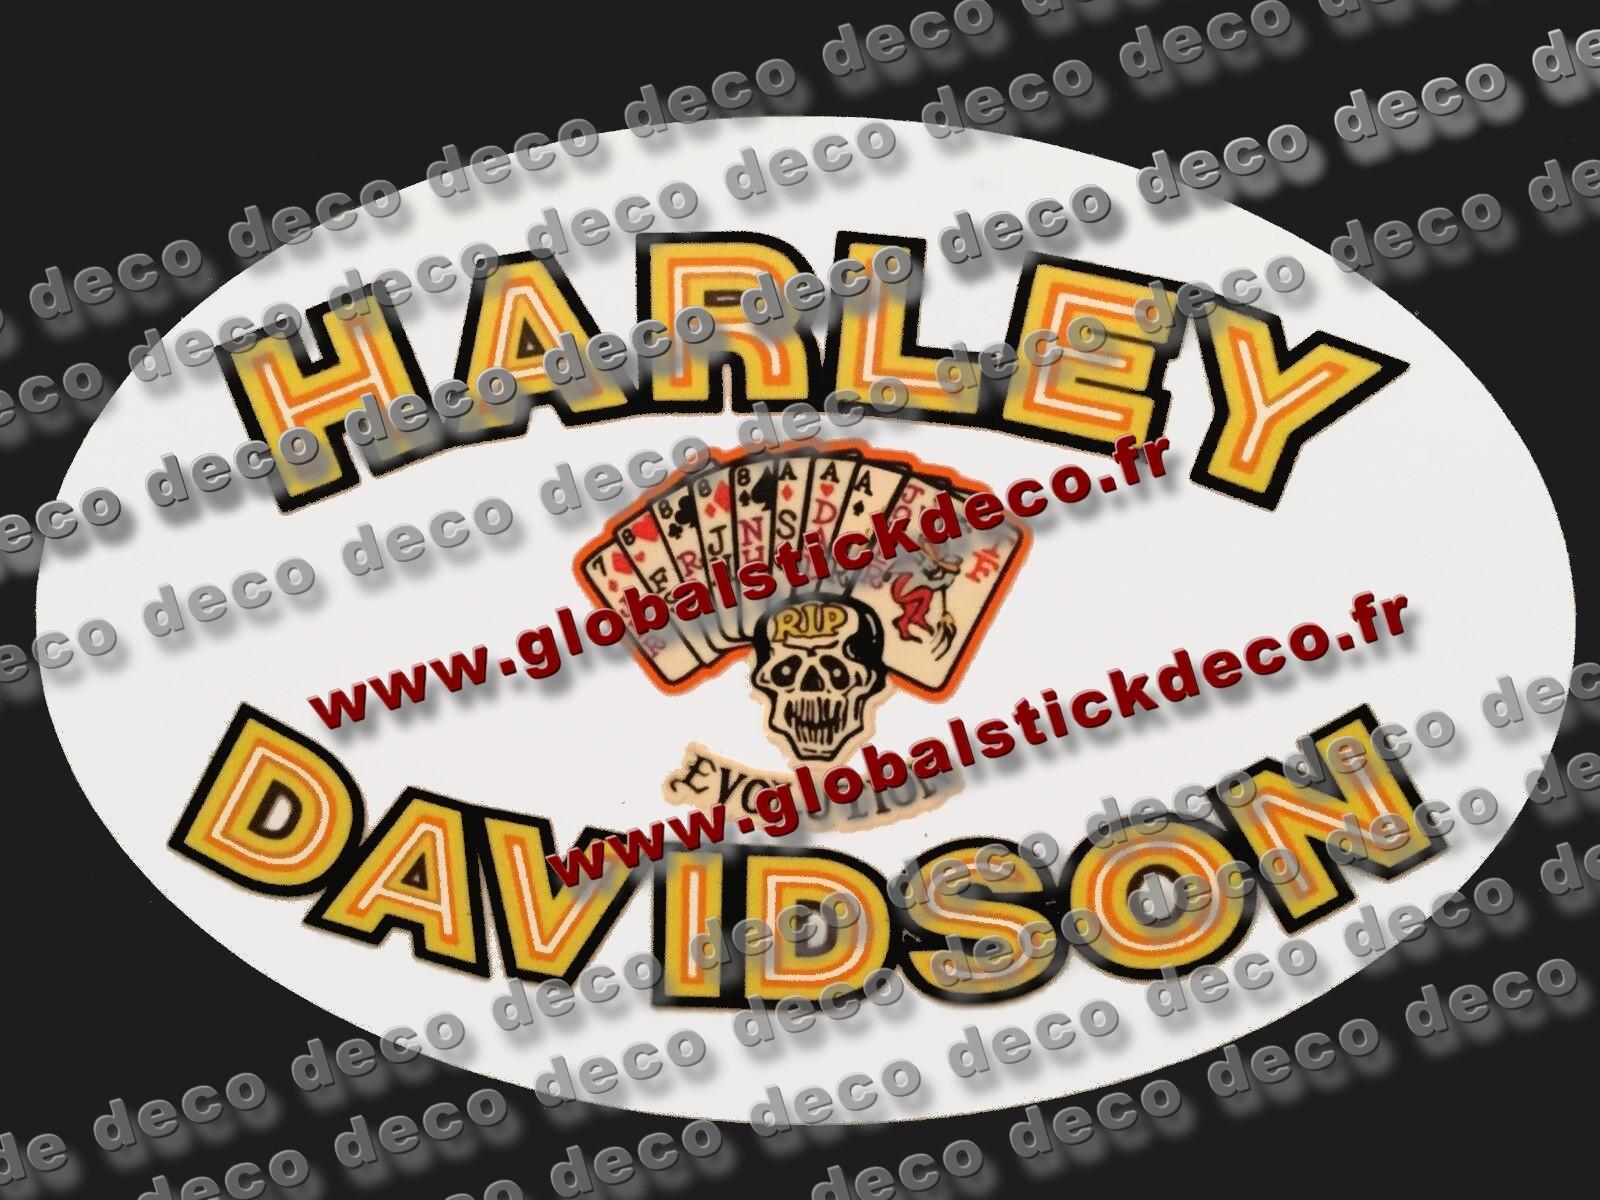 Harley carte mikey rourke copie 3